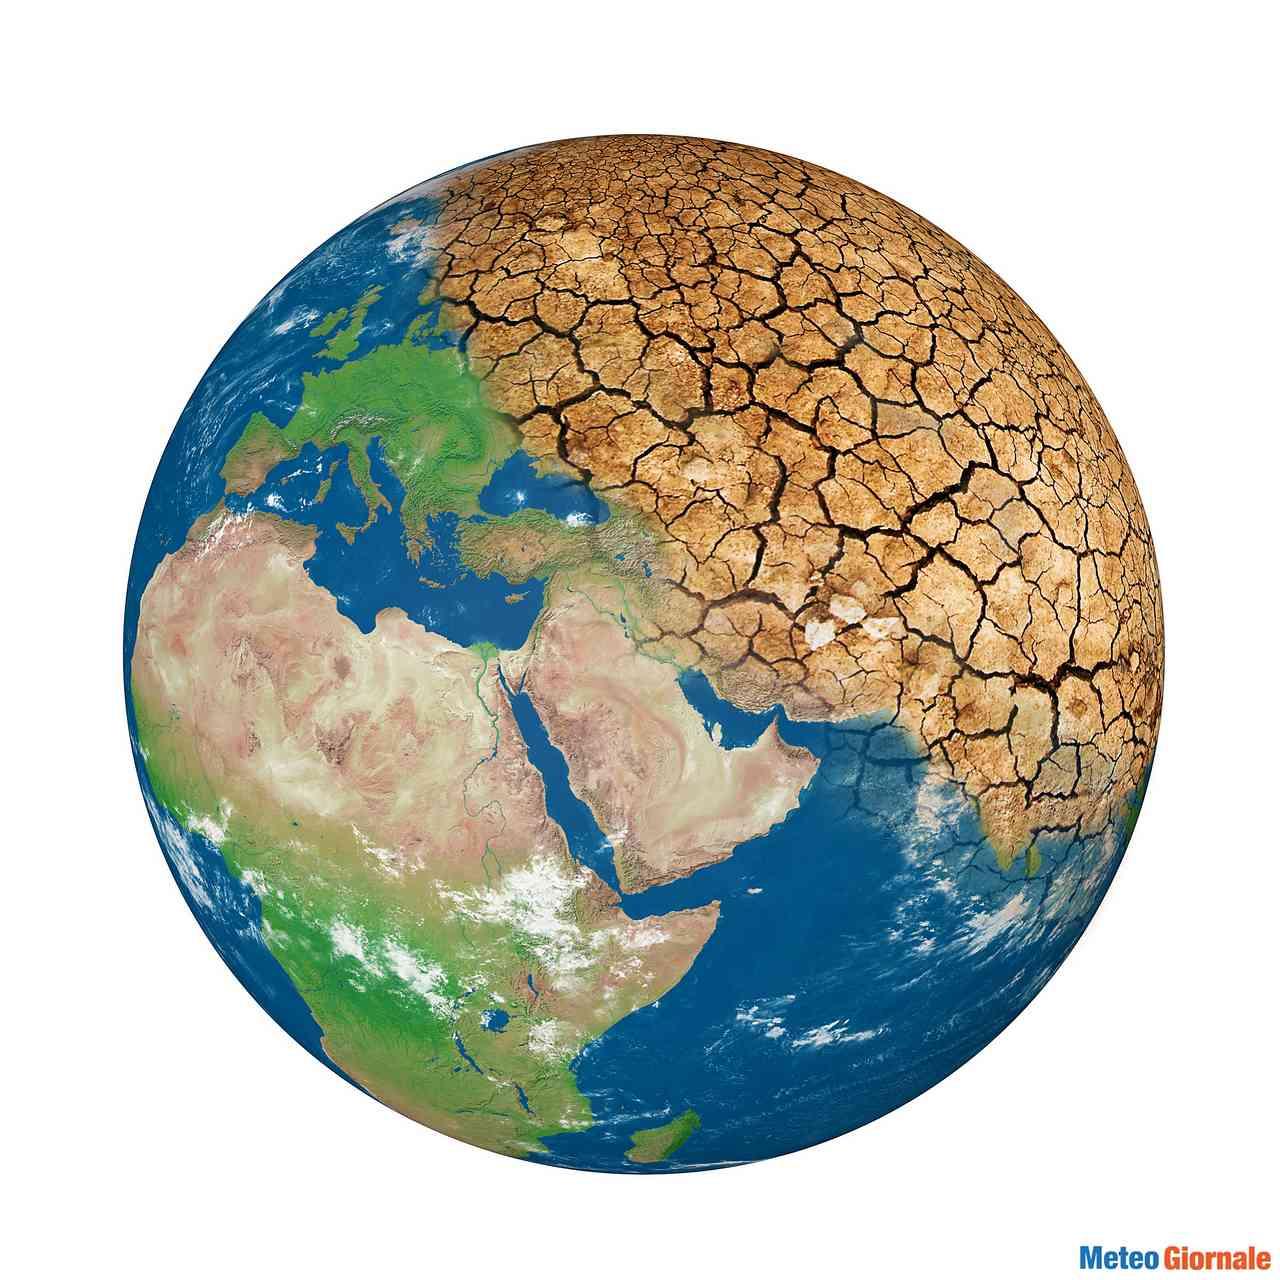 AdobeStock 90611730 - Come sarebbe il clima con la Terra capovolta?